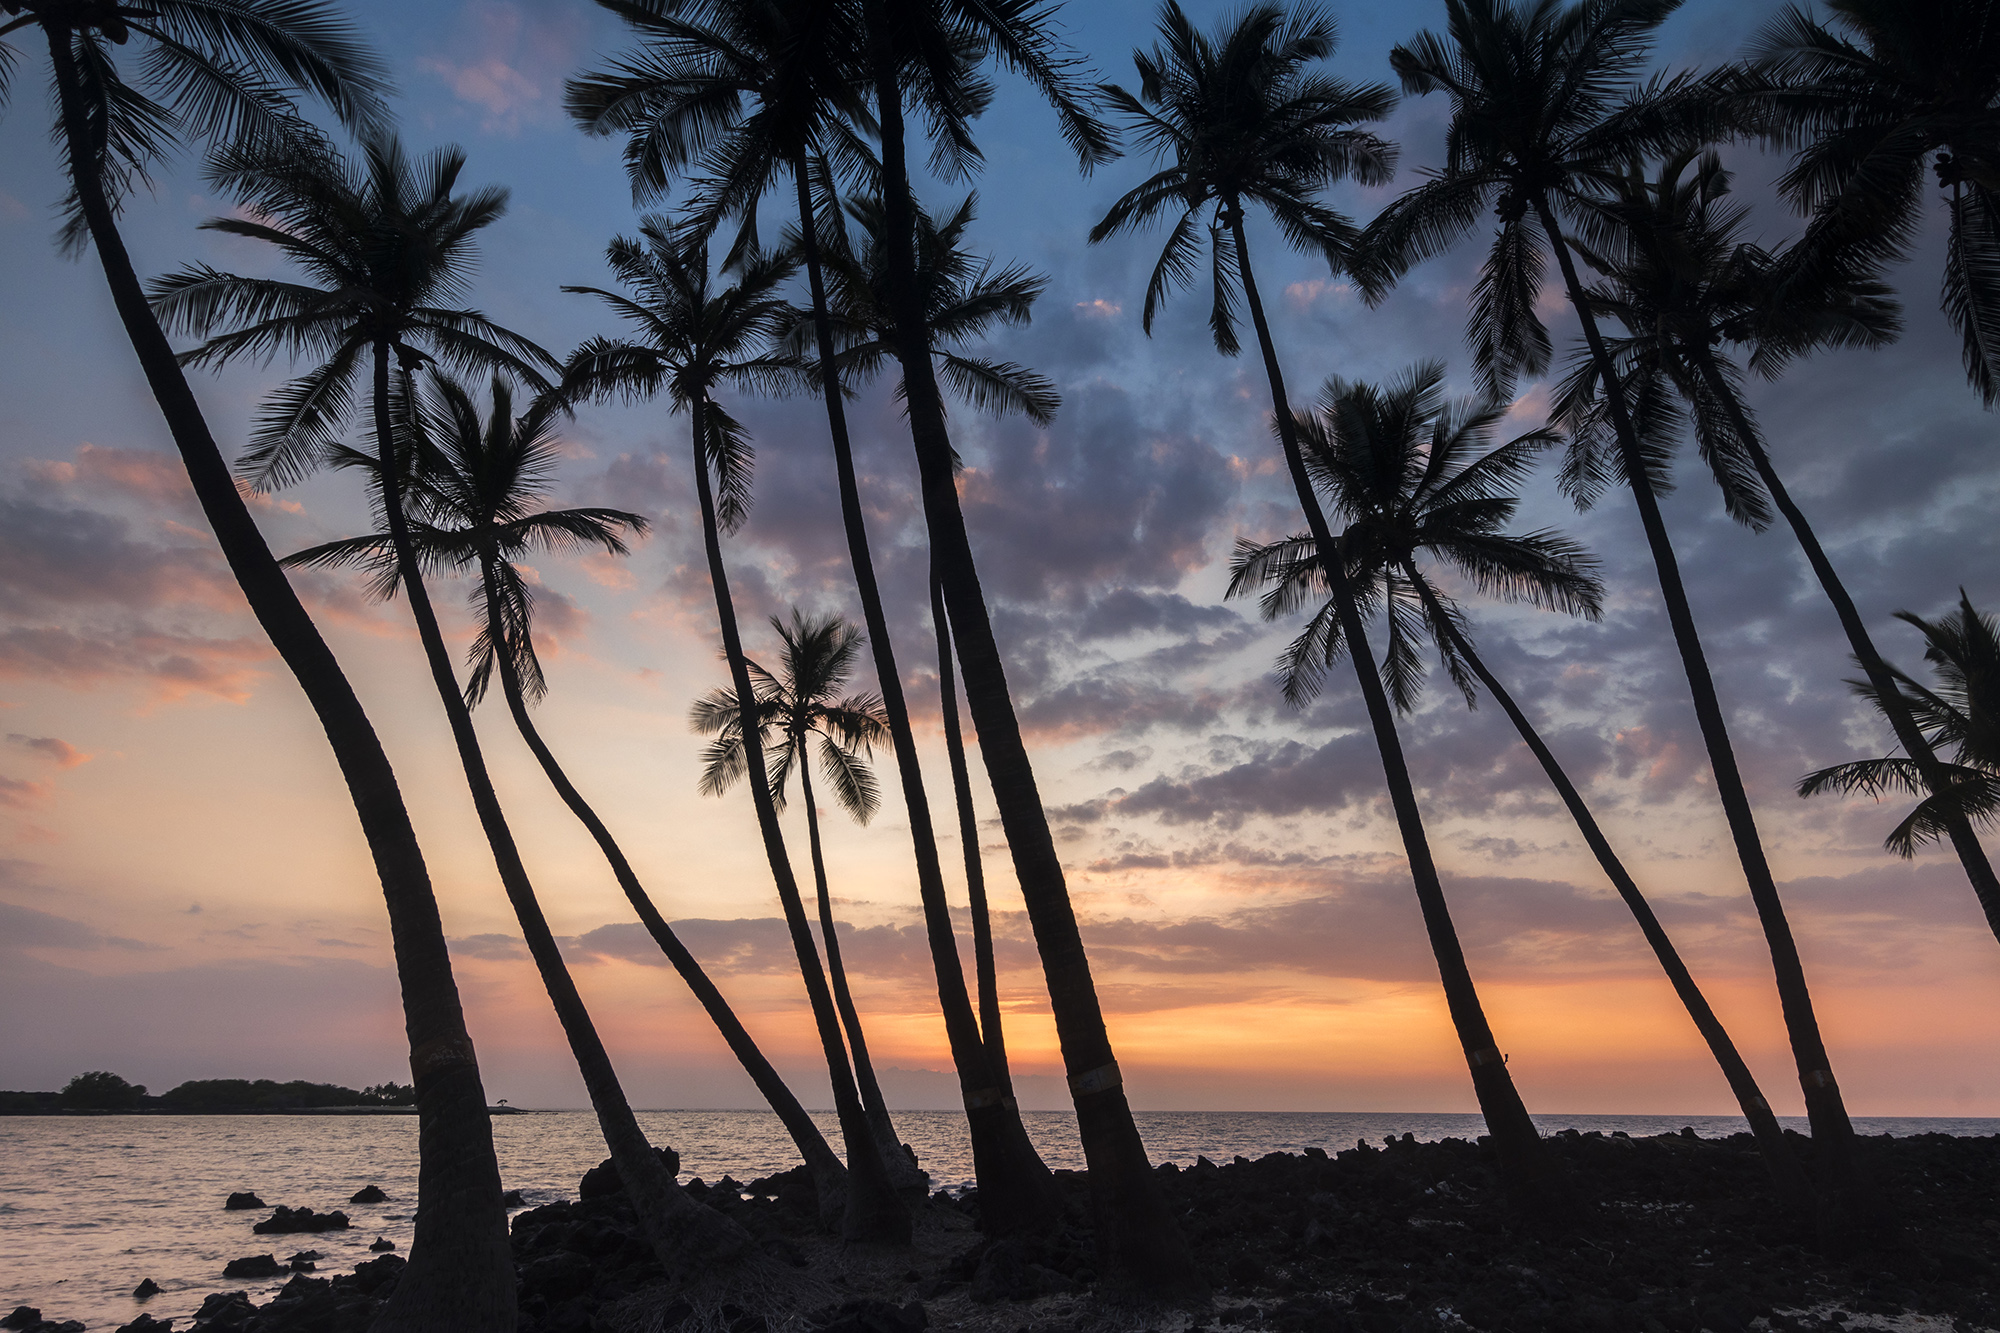 Mahai'ula Beach sur l'île Big Island de l'archipel de Hawaï